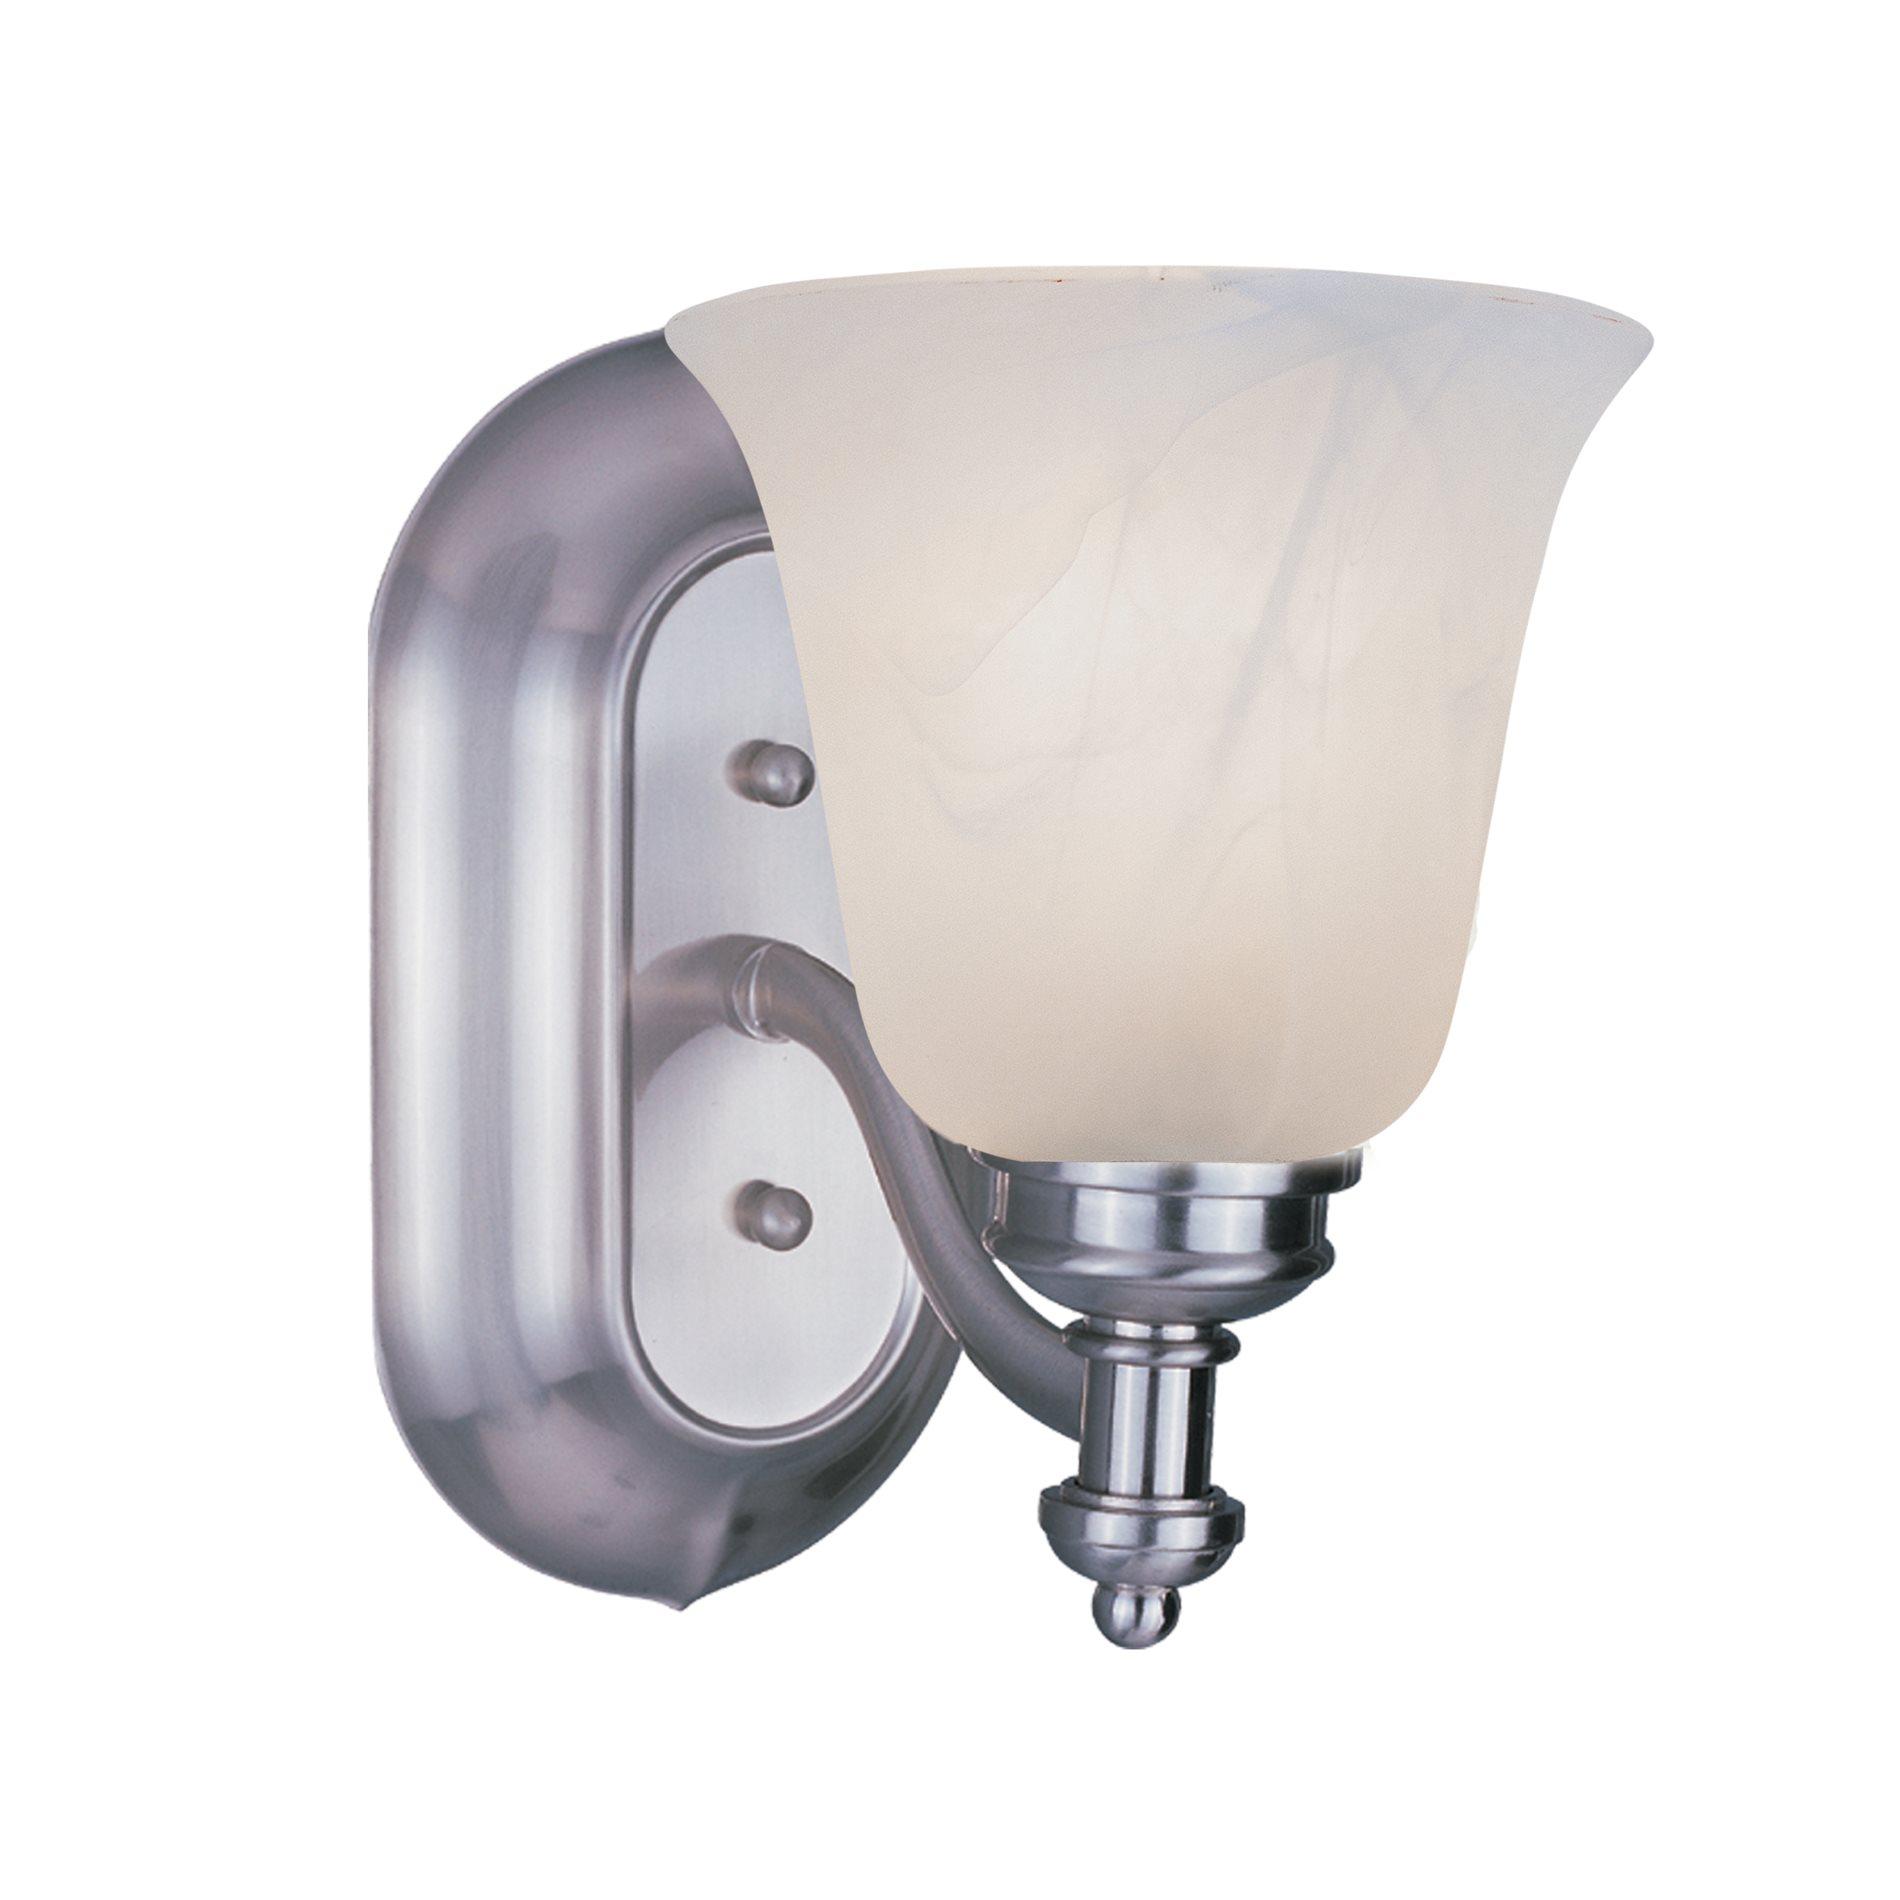 lite hollywood bathroom light zli 301 1v bn see details